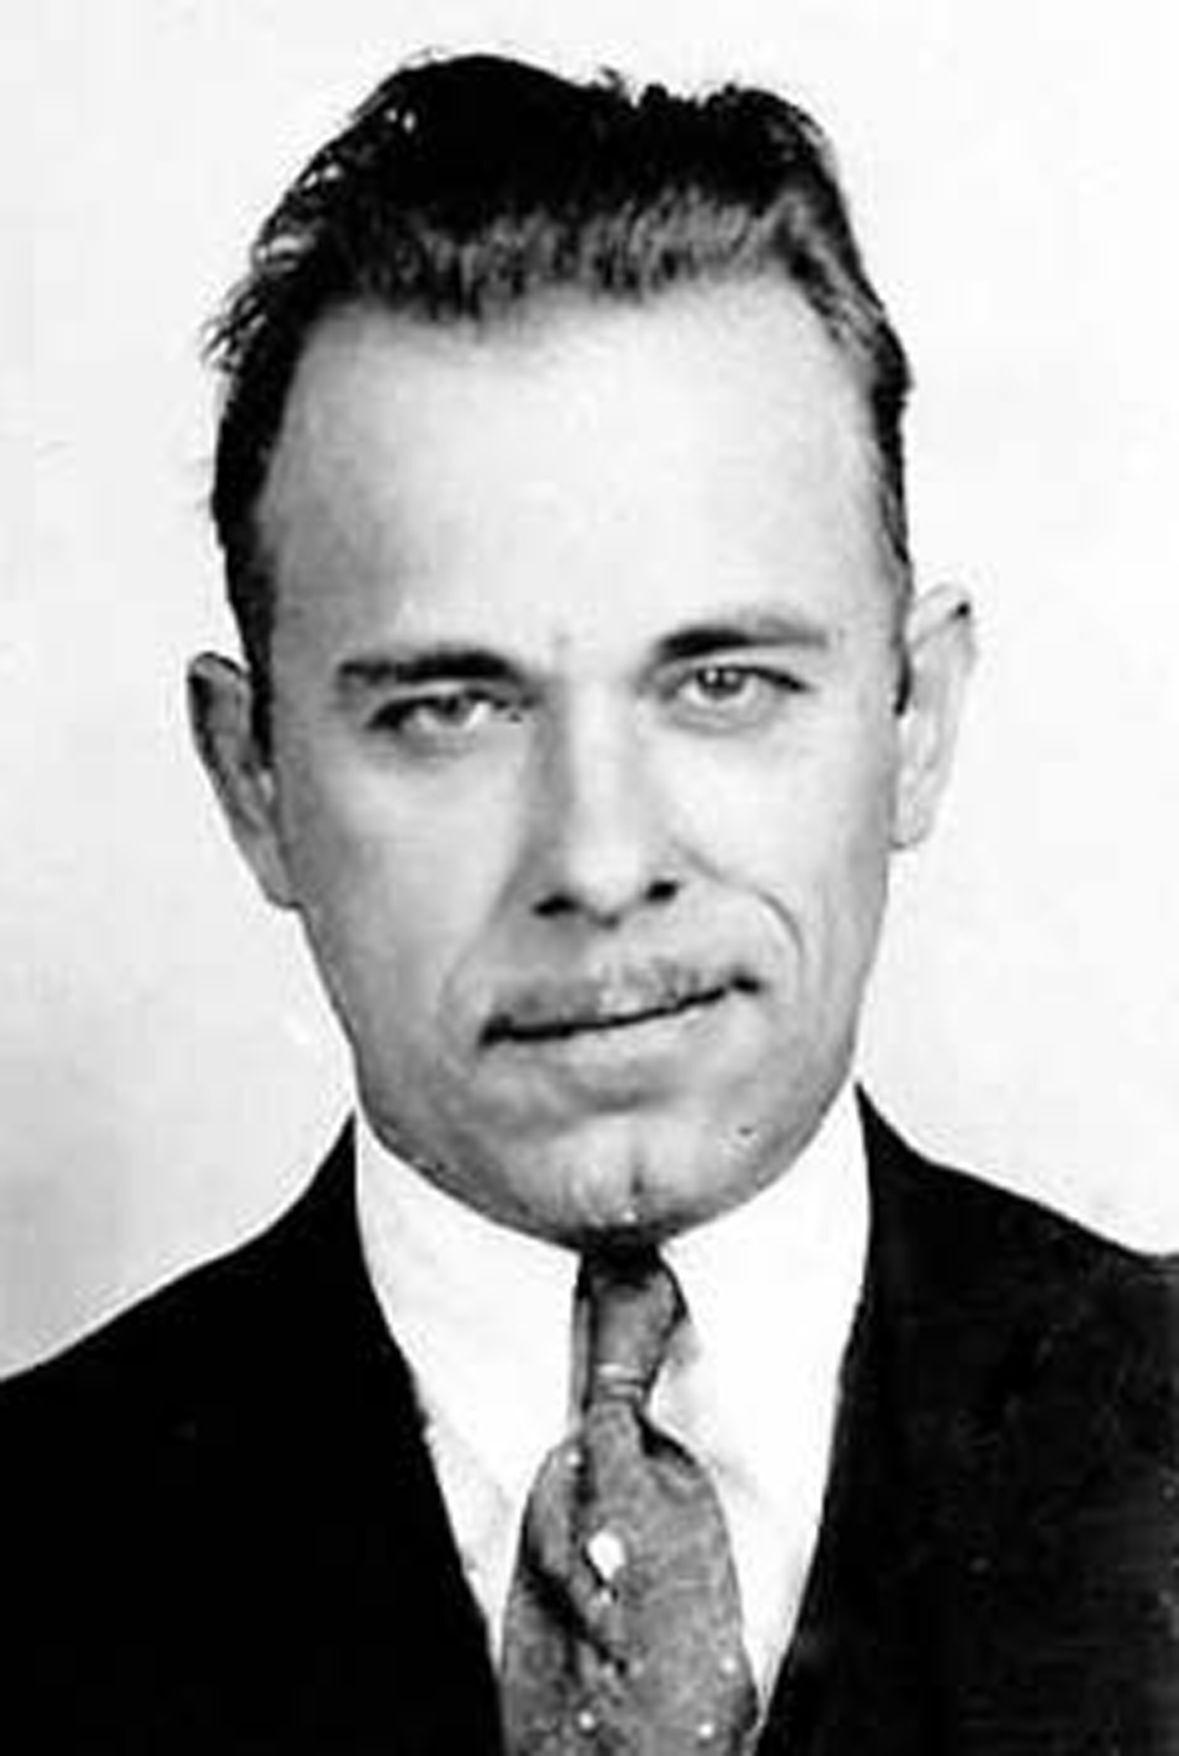 John Dillinger pic